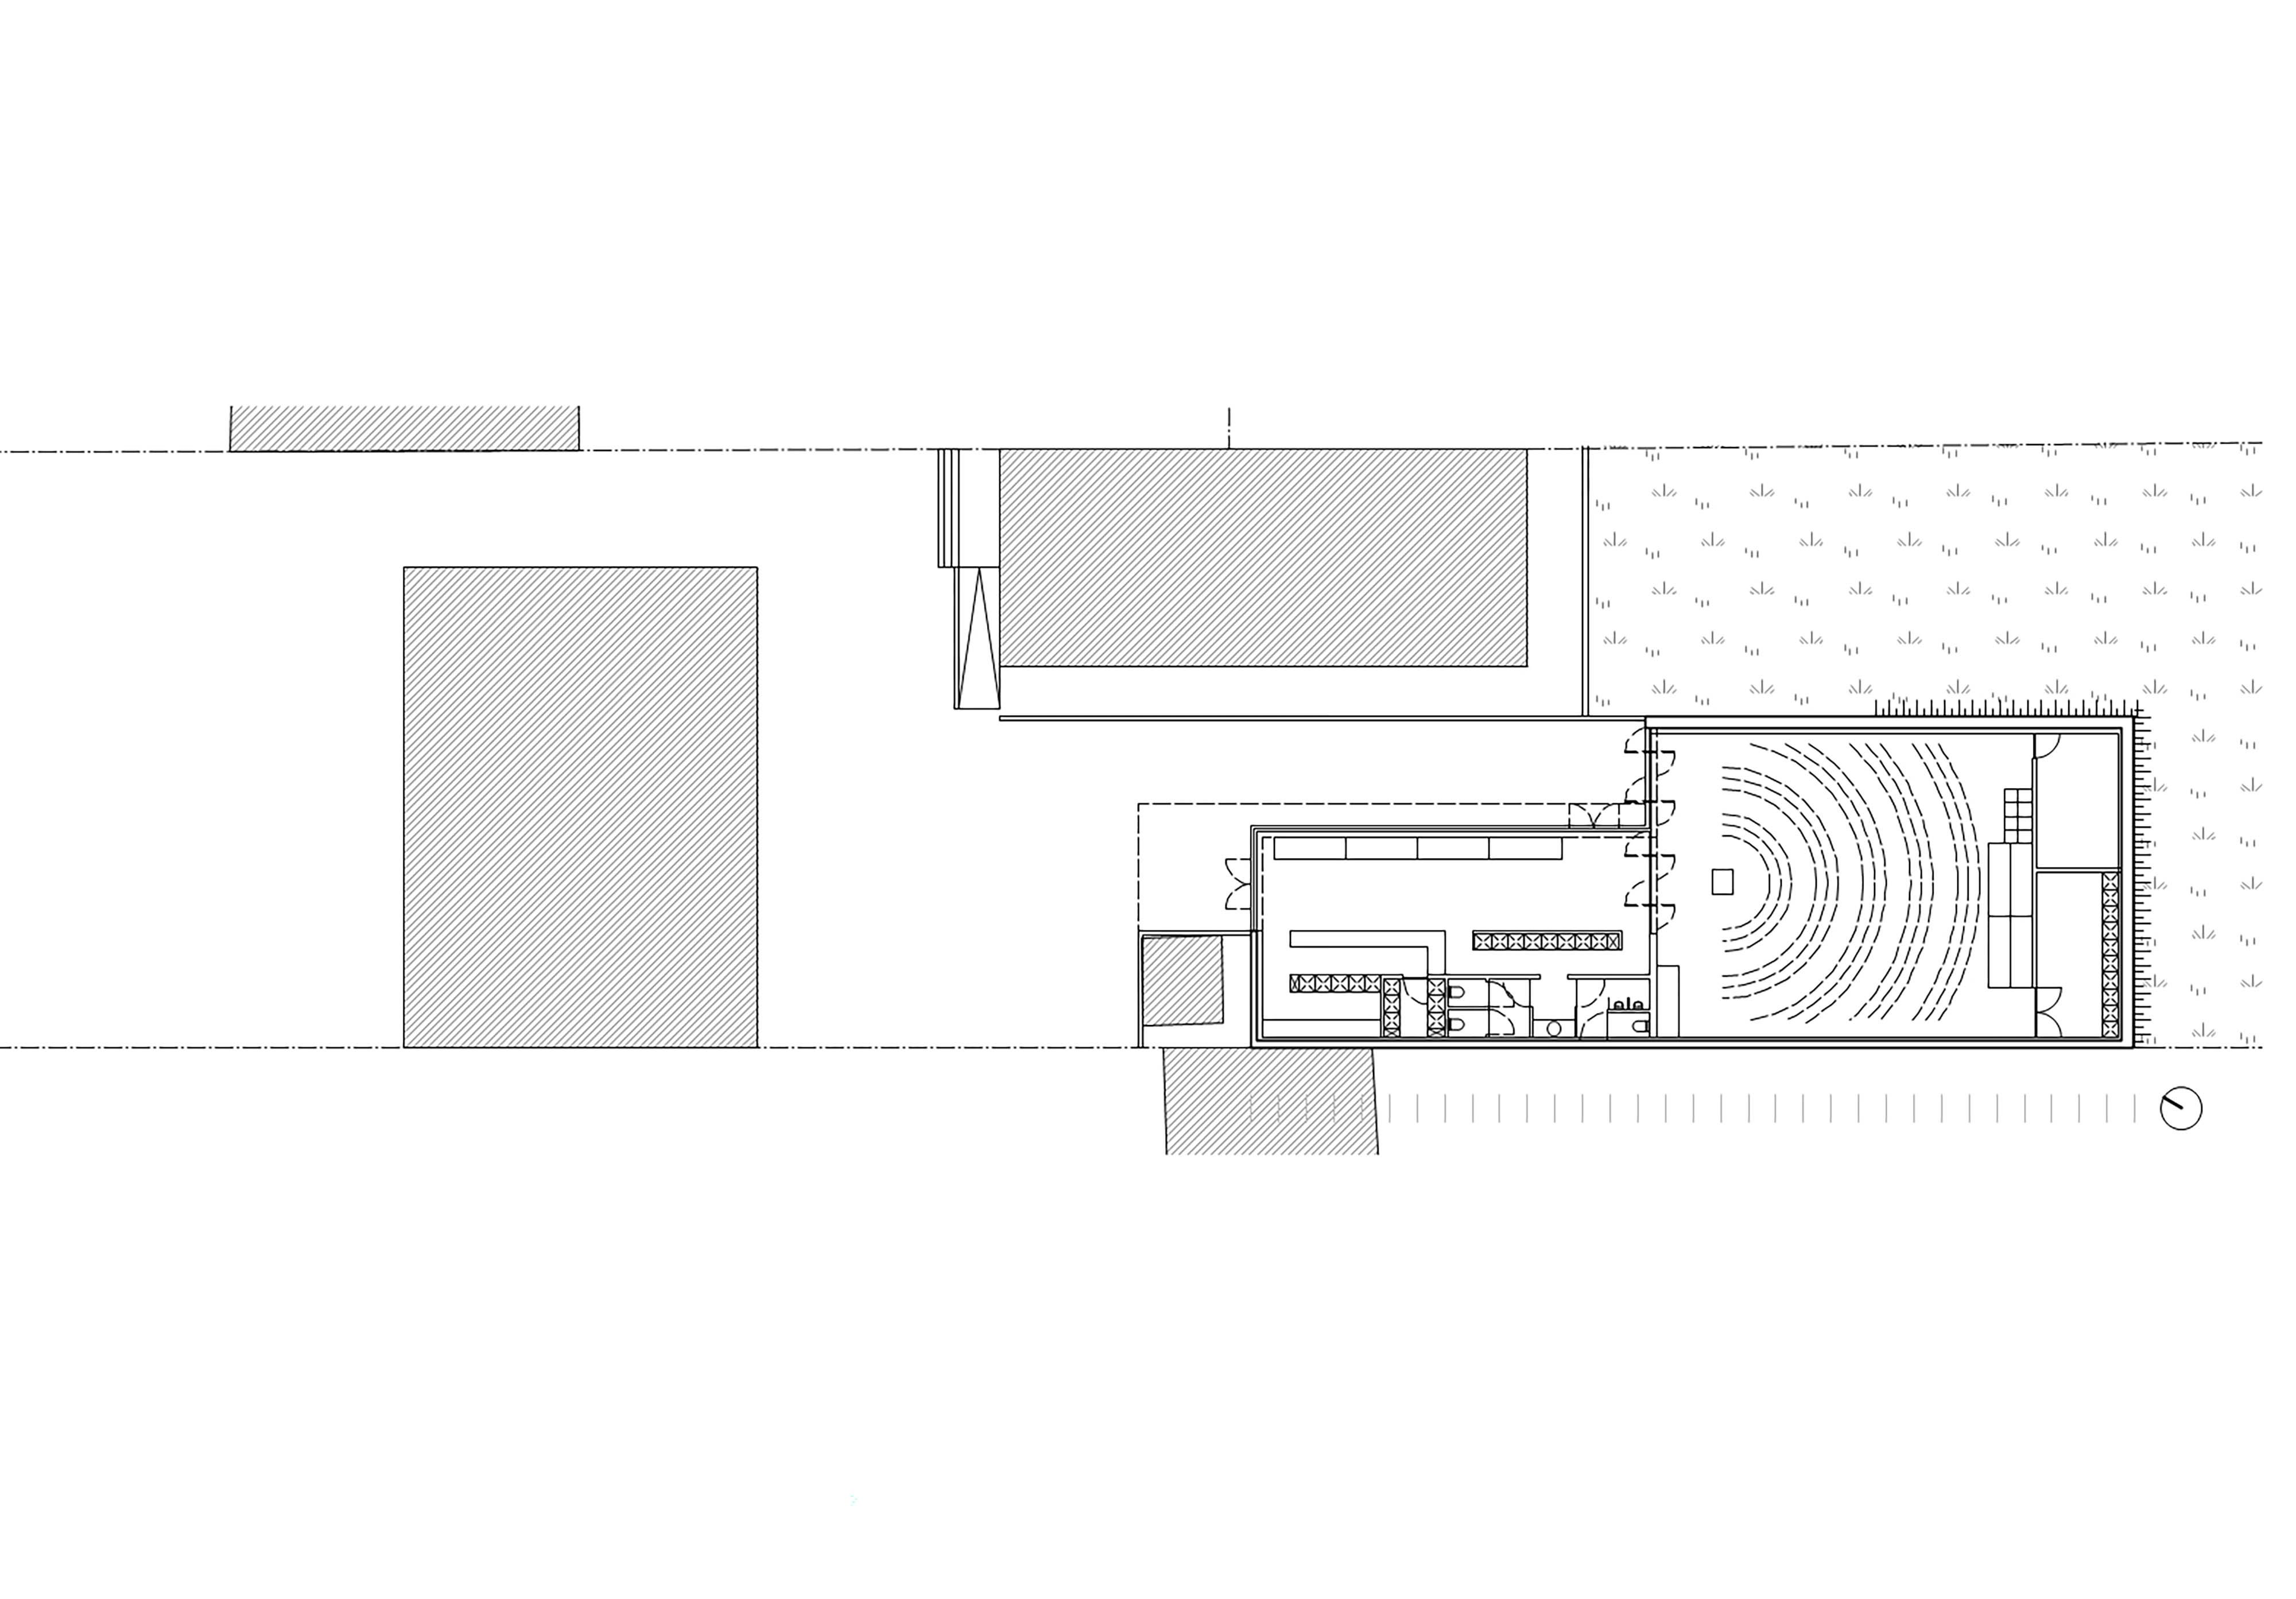 K1710-grondplan Erpe-Mere